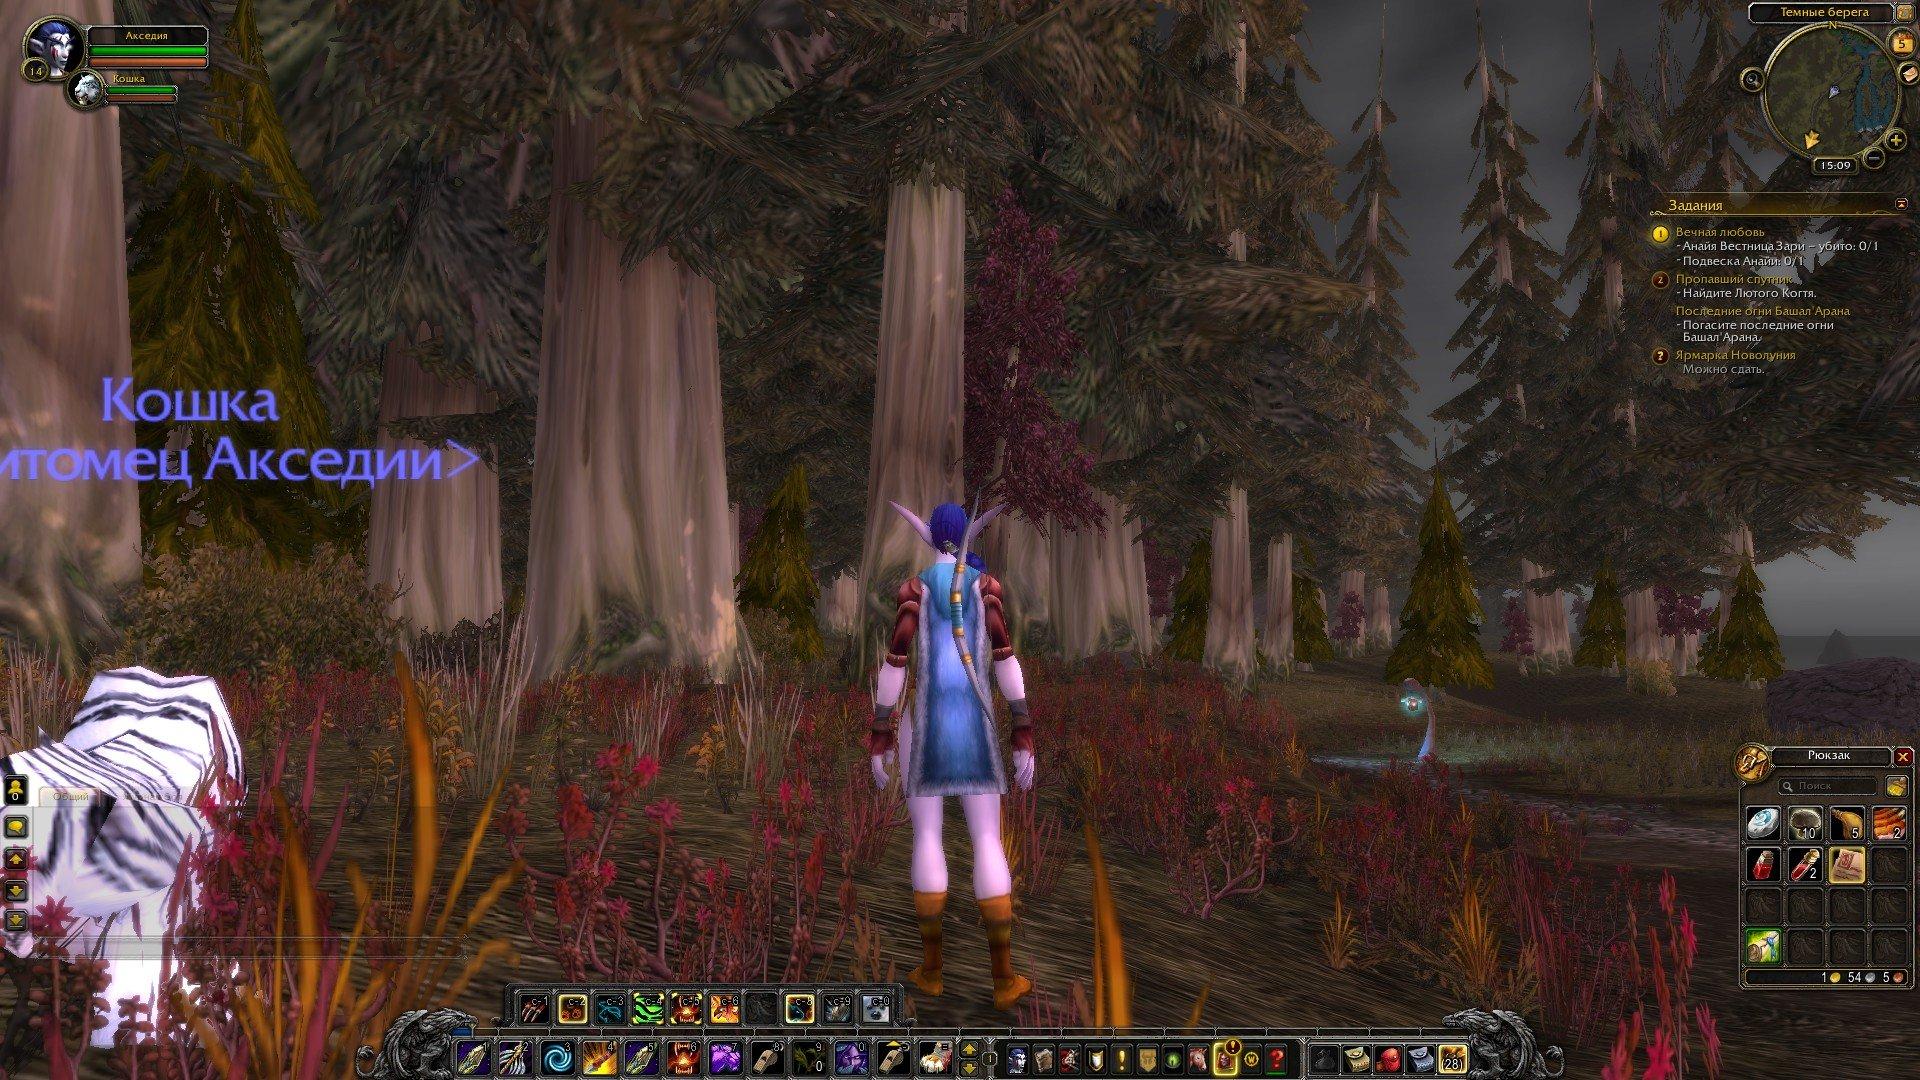 Путешествие по World of Warcraft ... Ночной Эльф. Глава 1 - Изображение 24